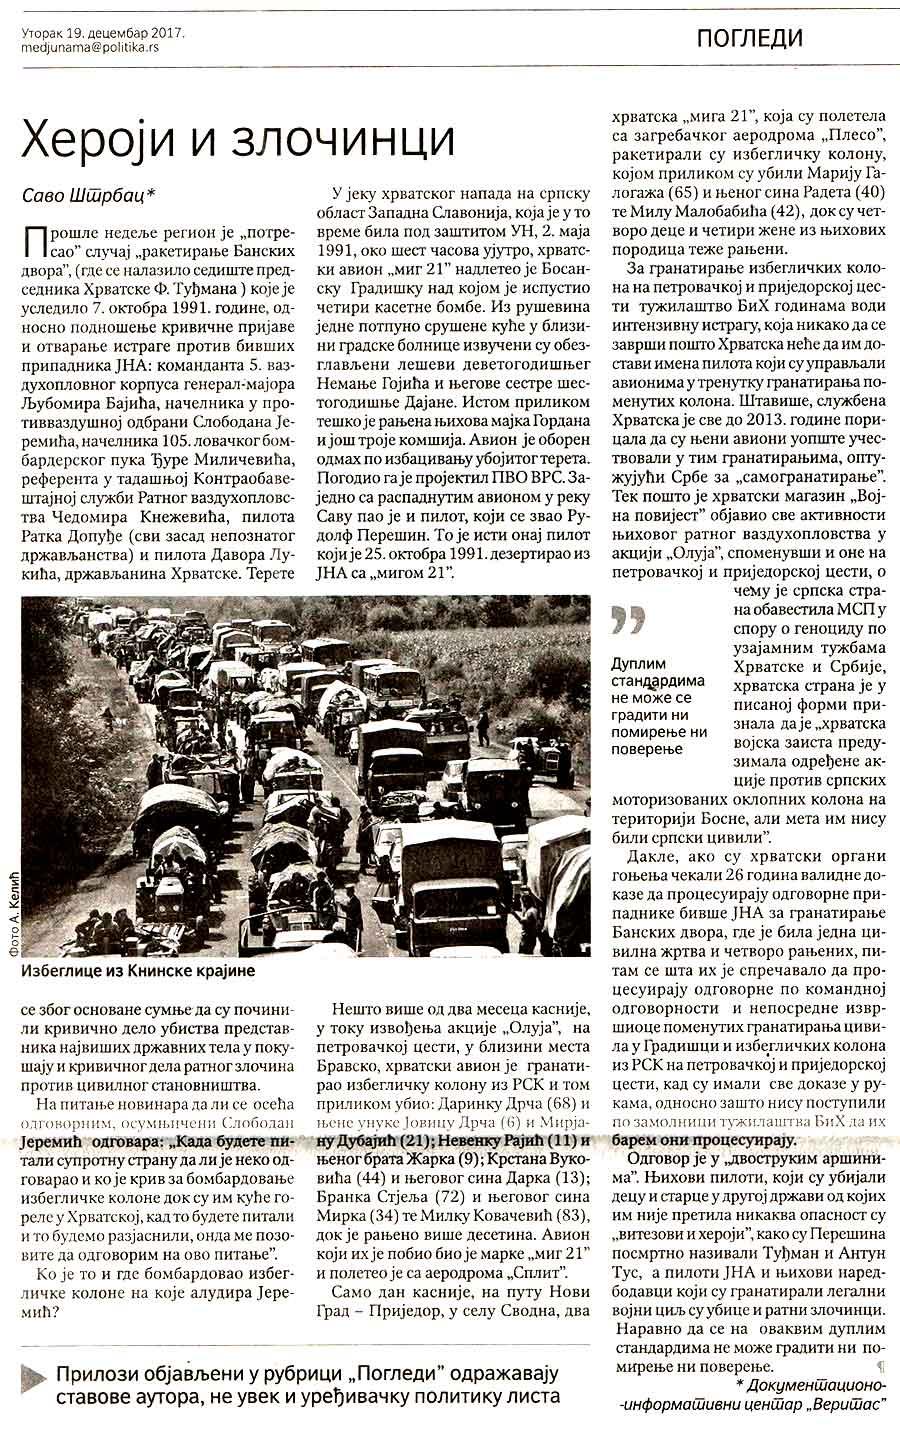 Политика, Саво Штрбац: Хероји и злочинци, 19.12.2017.